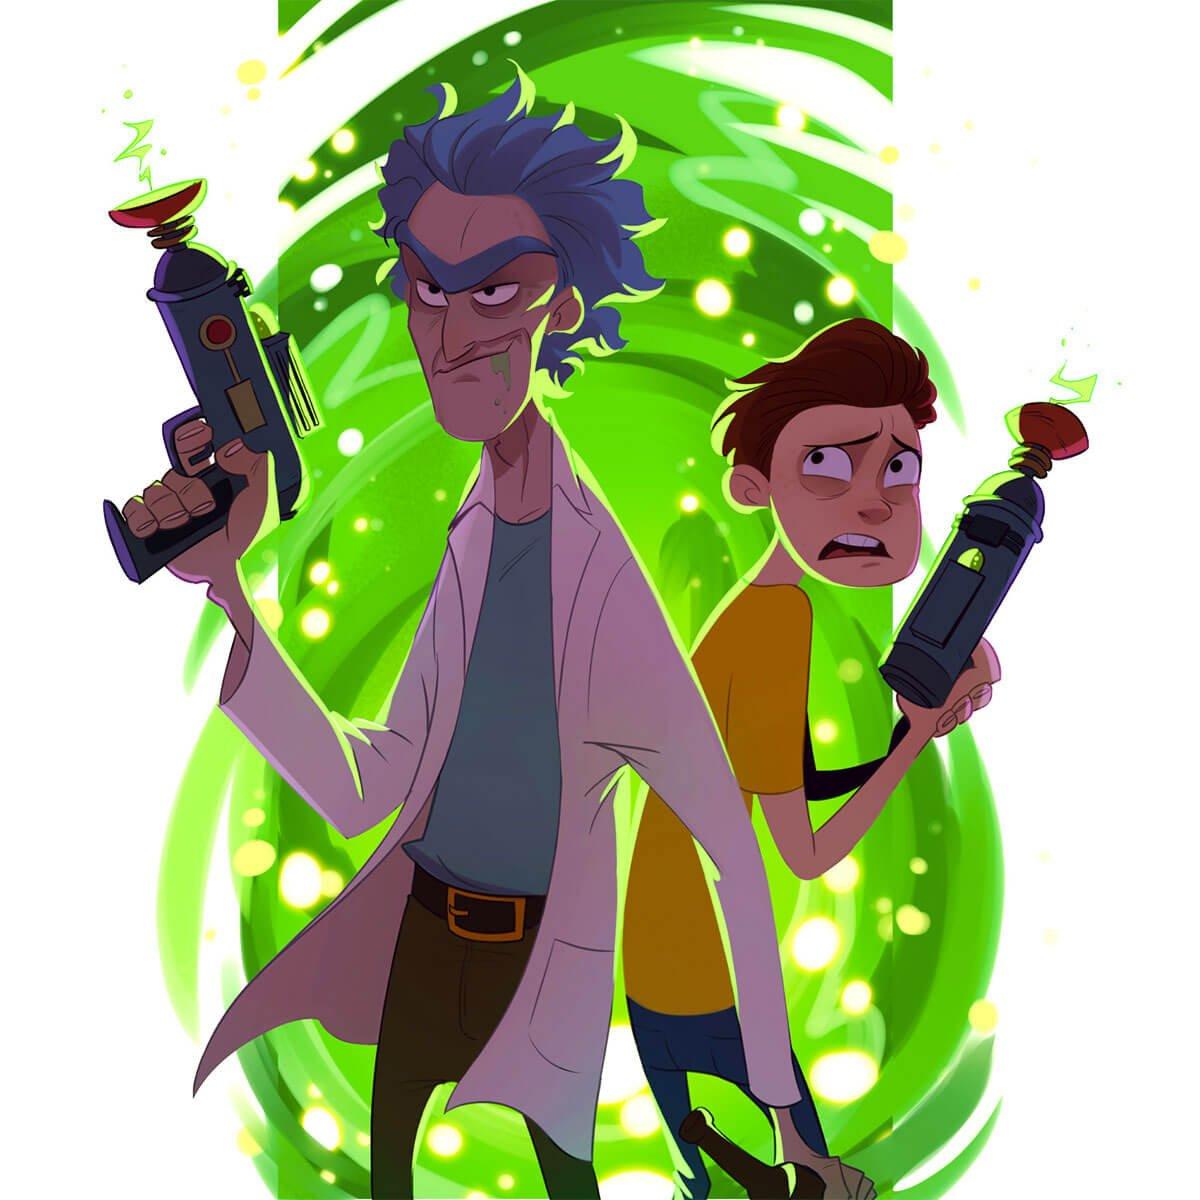 Rick and Morty Fan Art by Puba 24